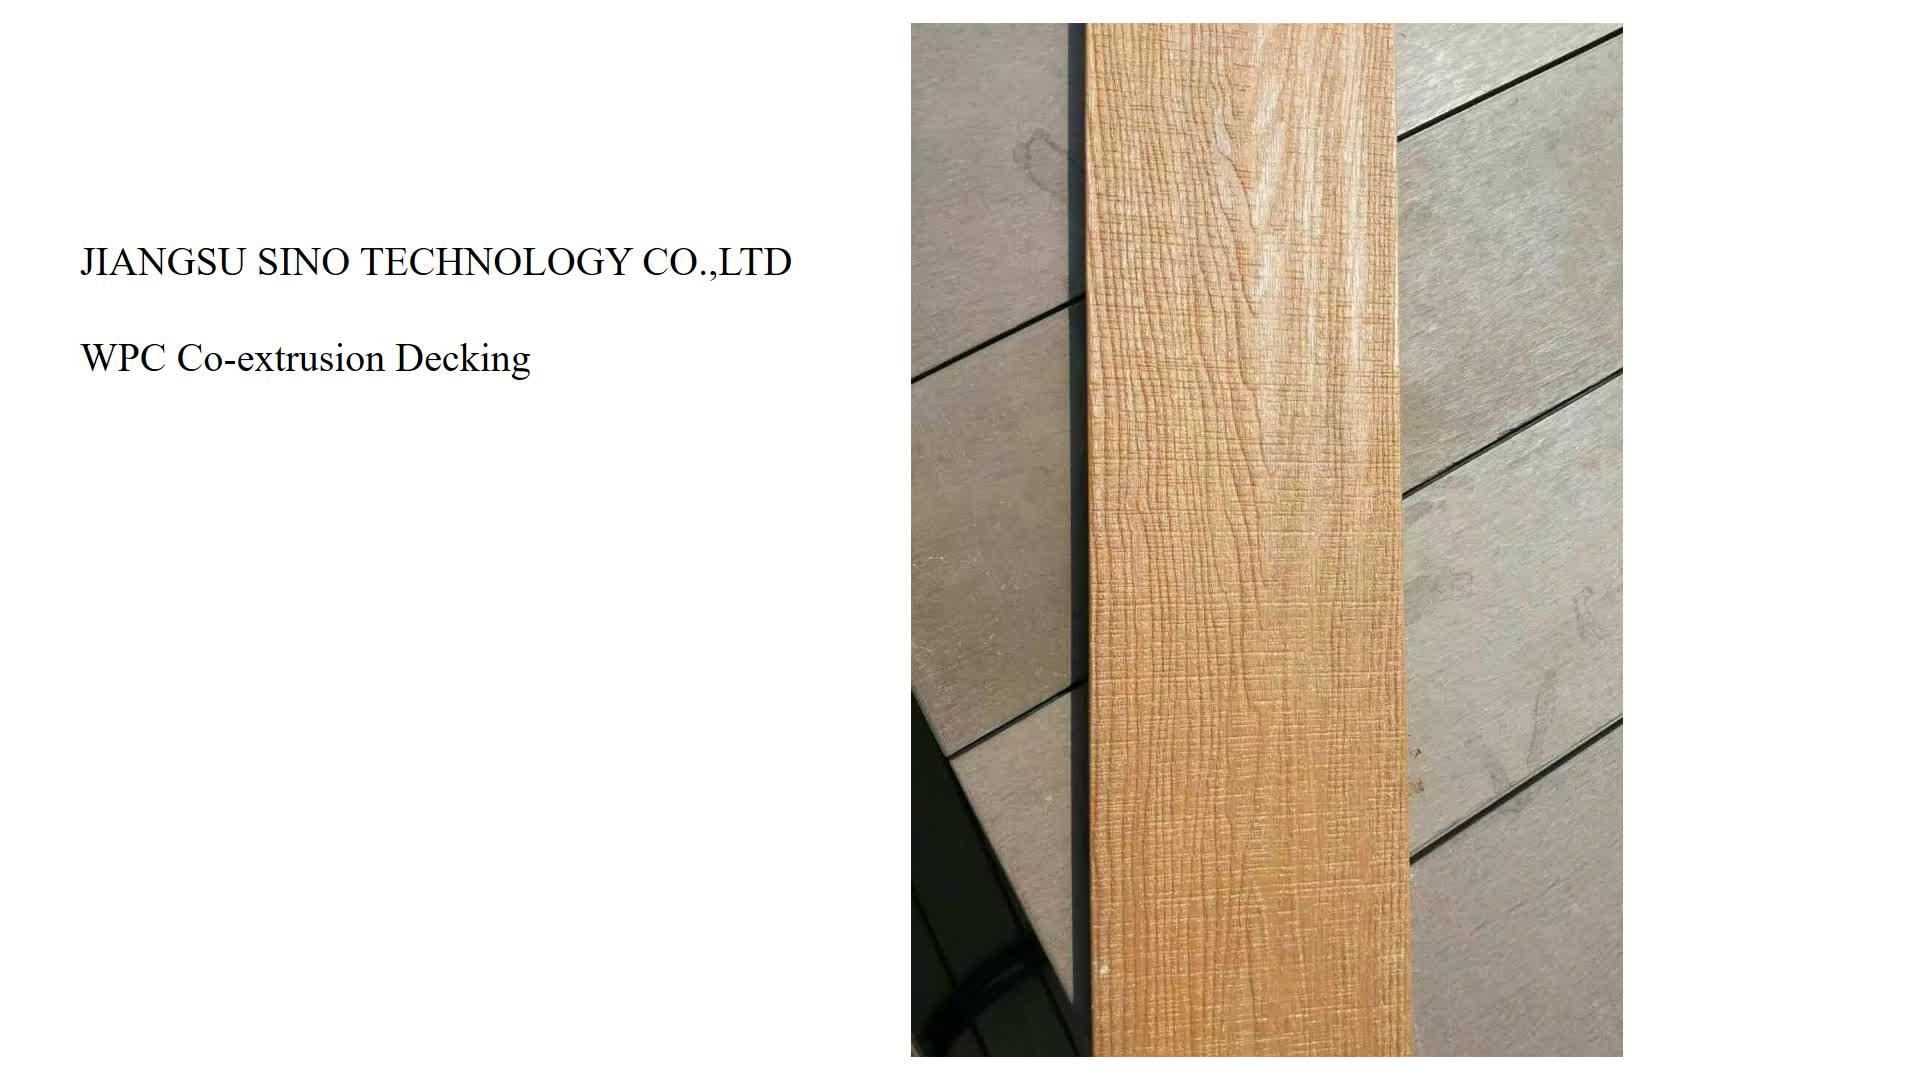 WPC Co-extrusie decking Co-extrusie outdoor deck vloeren WPC outdoor vloer